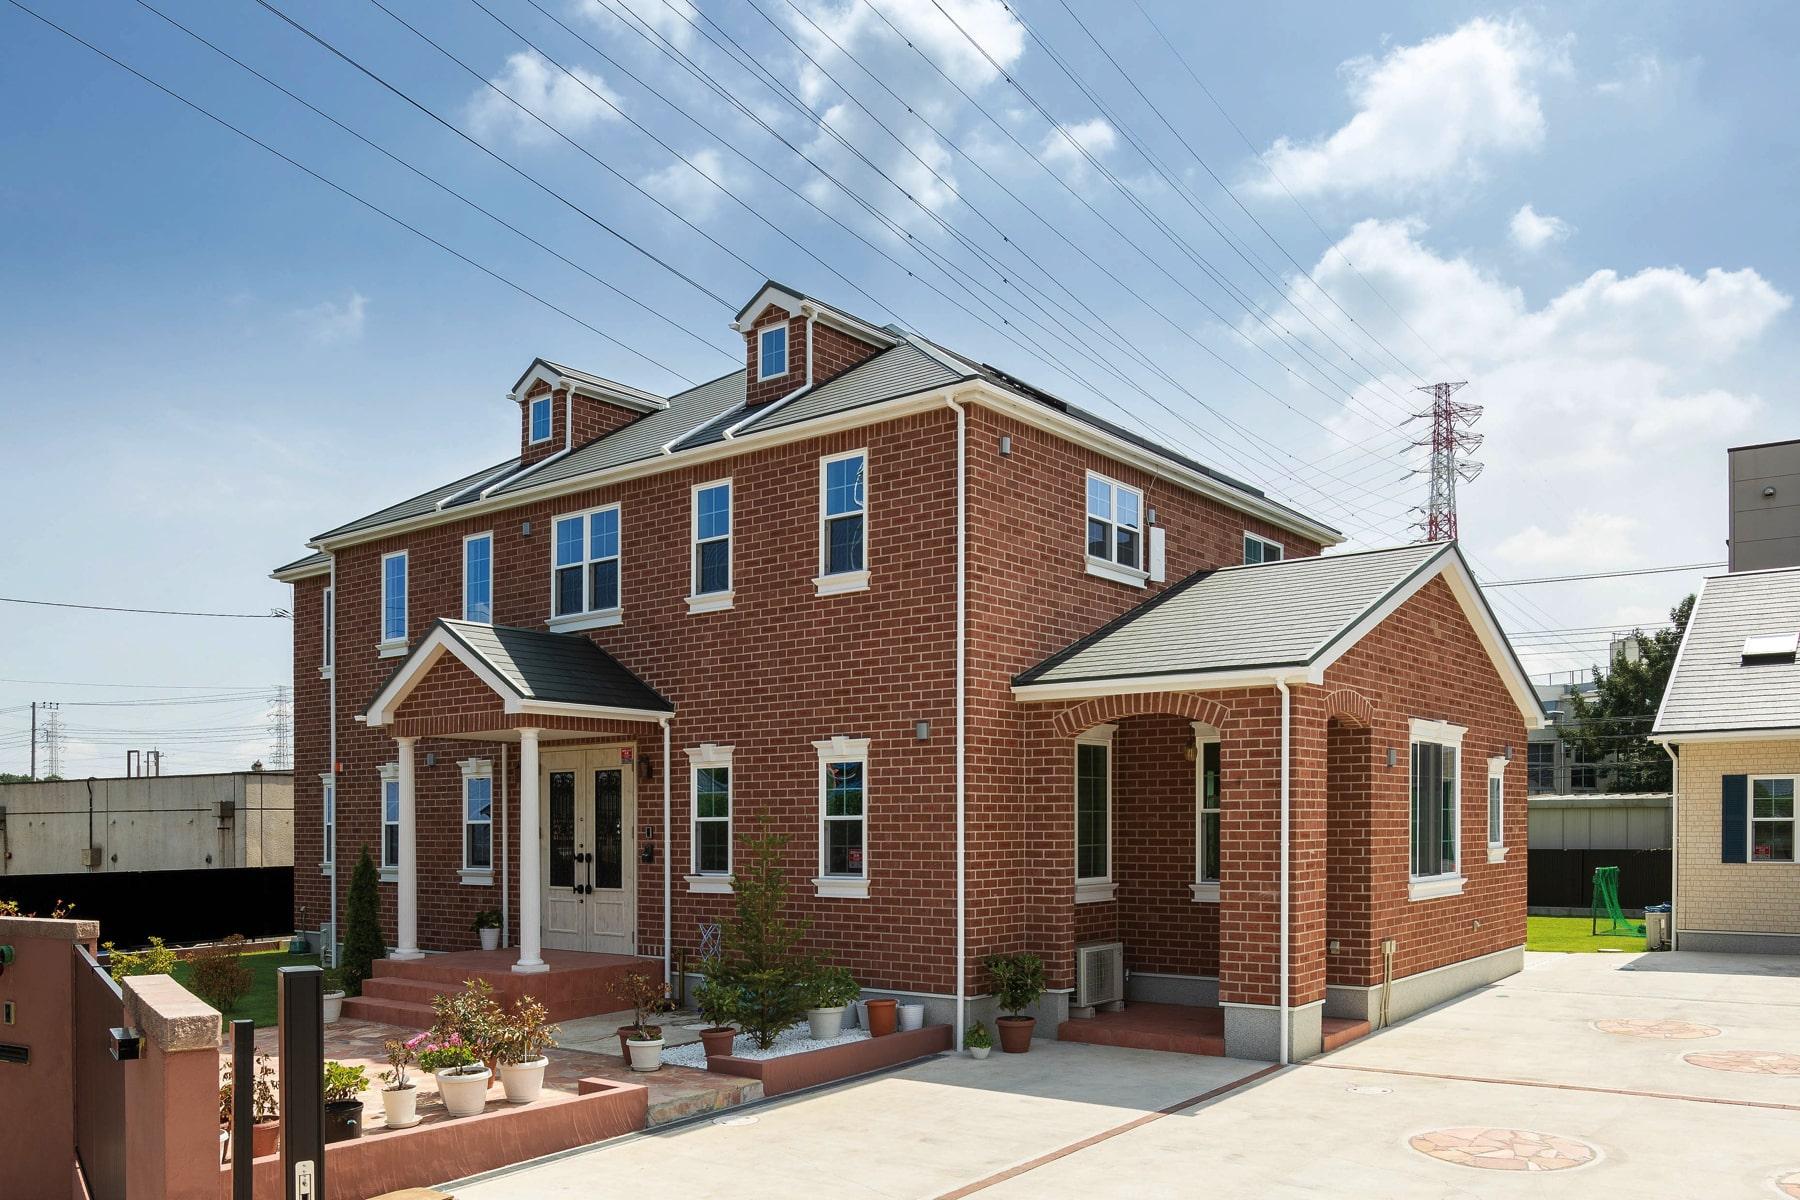 家族の誇り「街のランドマーク」心ときめく美しい輸入住宅